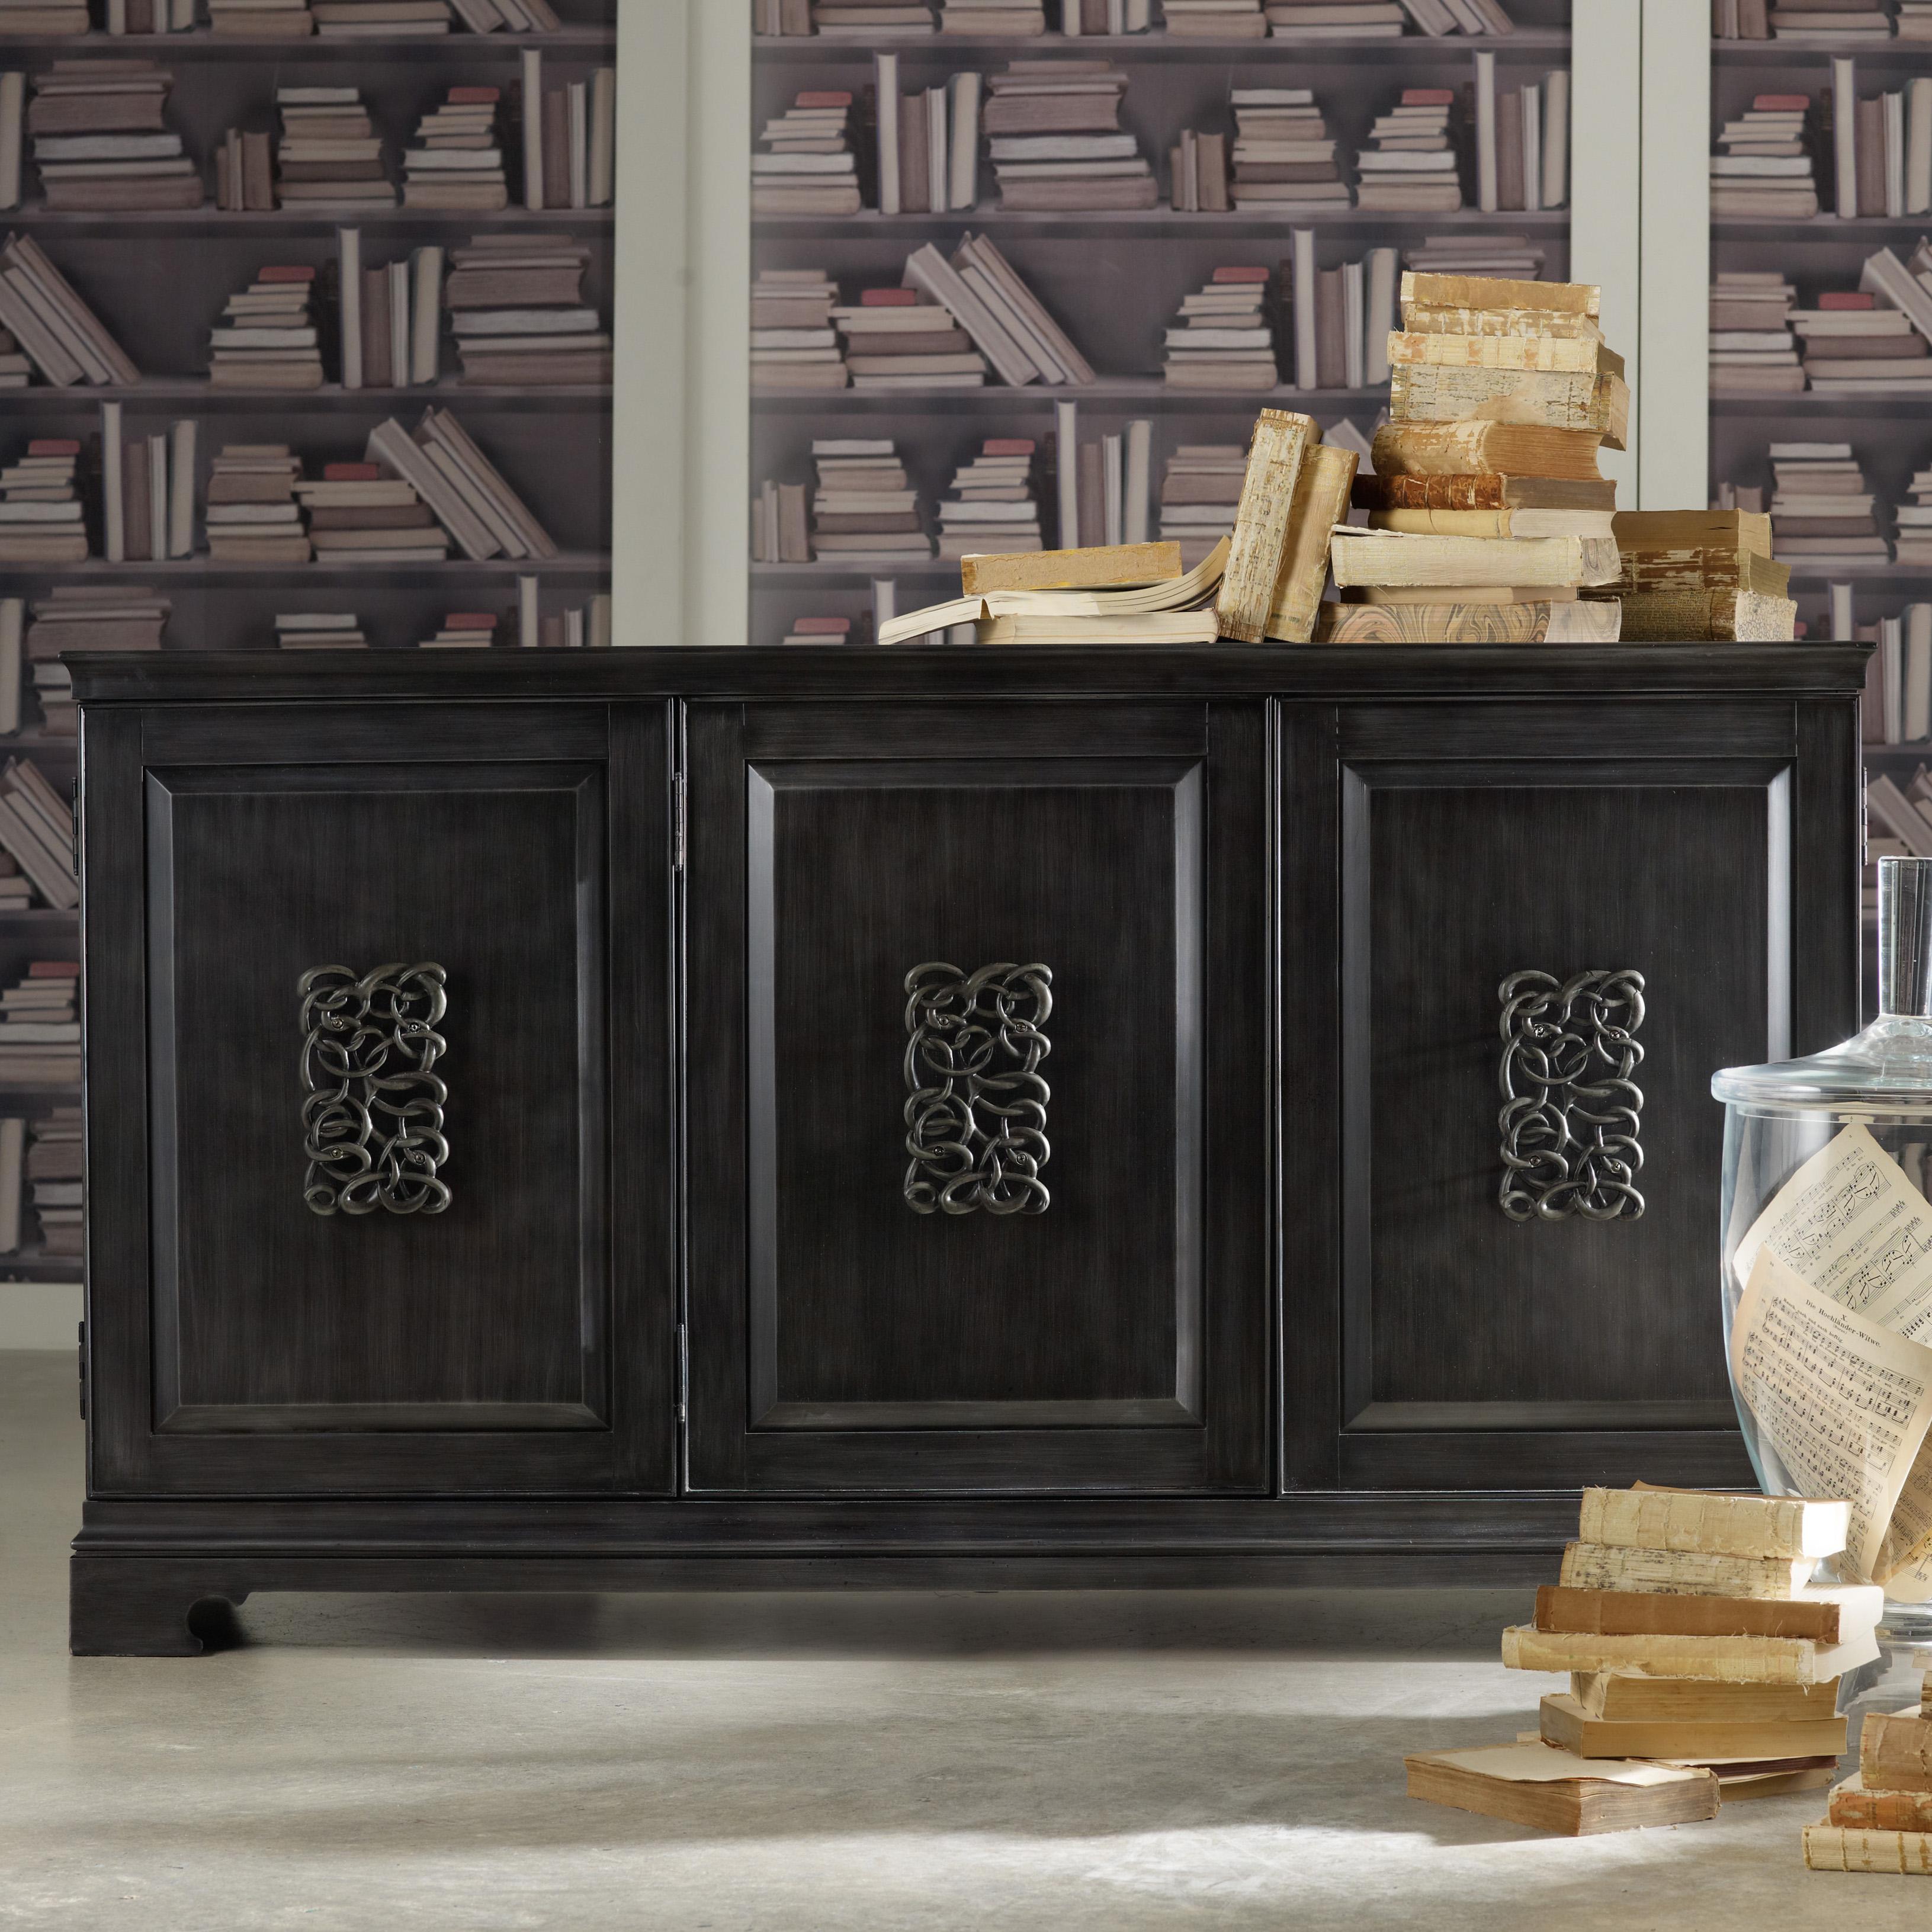 Hooker Furniture Mélange Brockton Credenza - Item Number: 638-85056